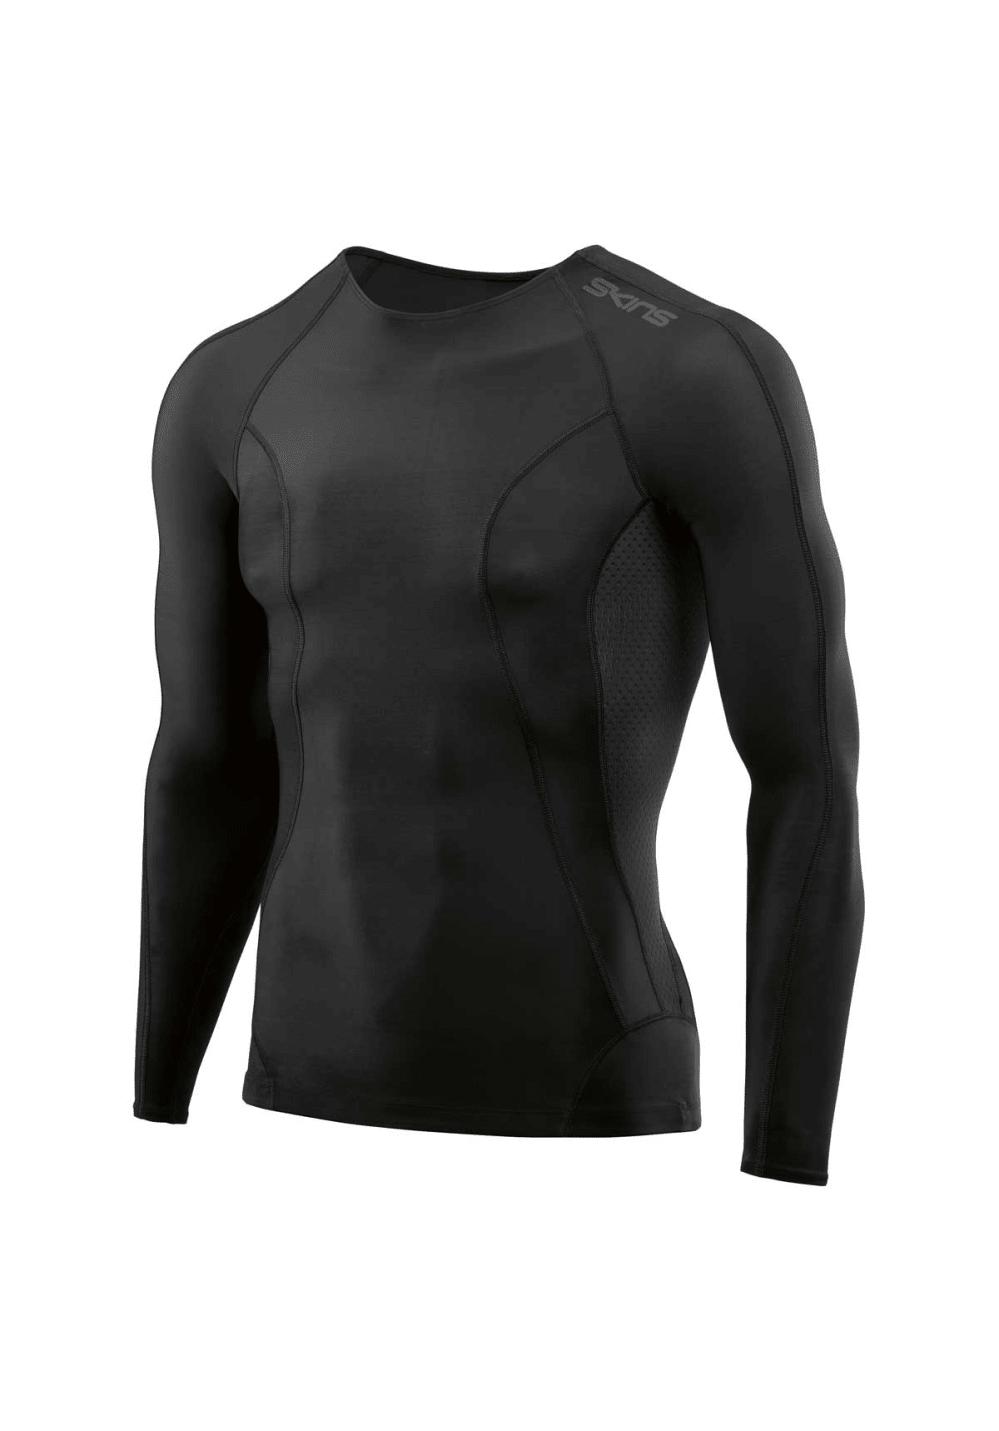 Skins Dnamic-long Sleeve Top - Laufshirts für Herren - Schwarz, Gr. S